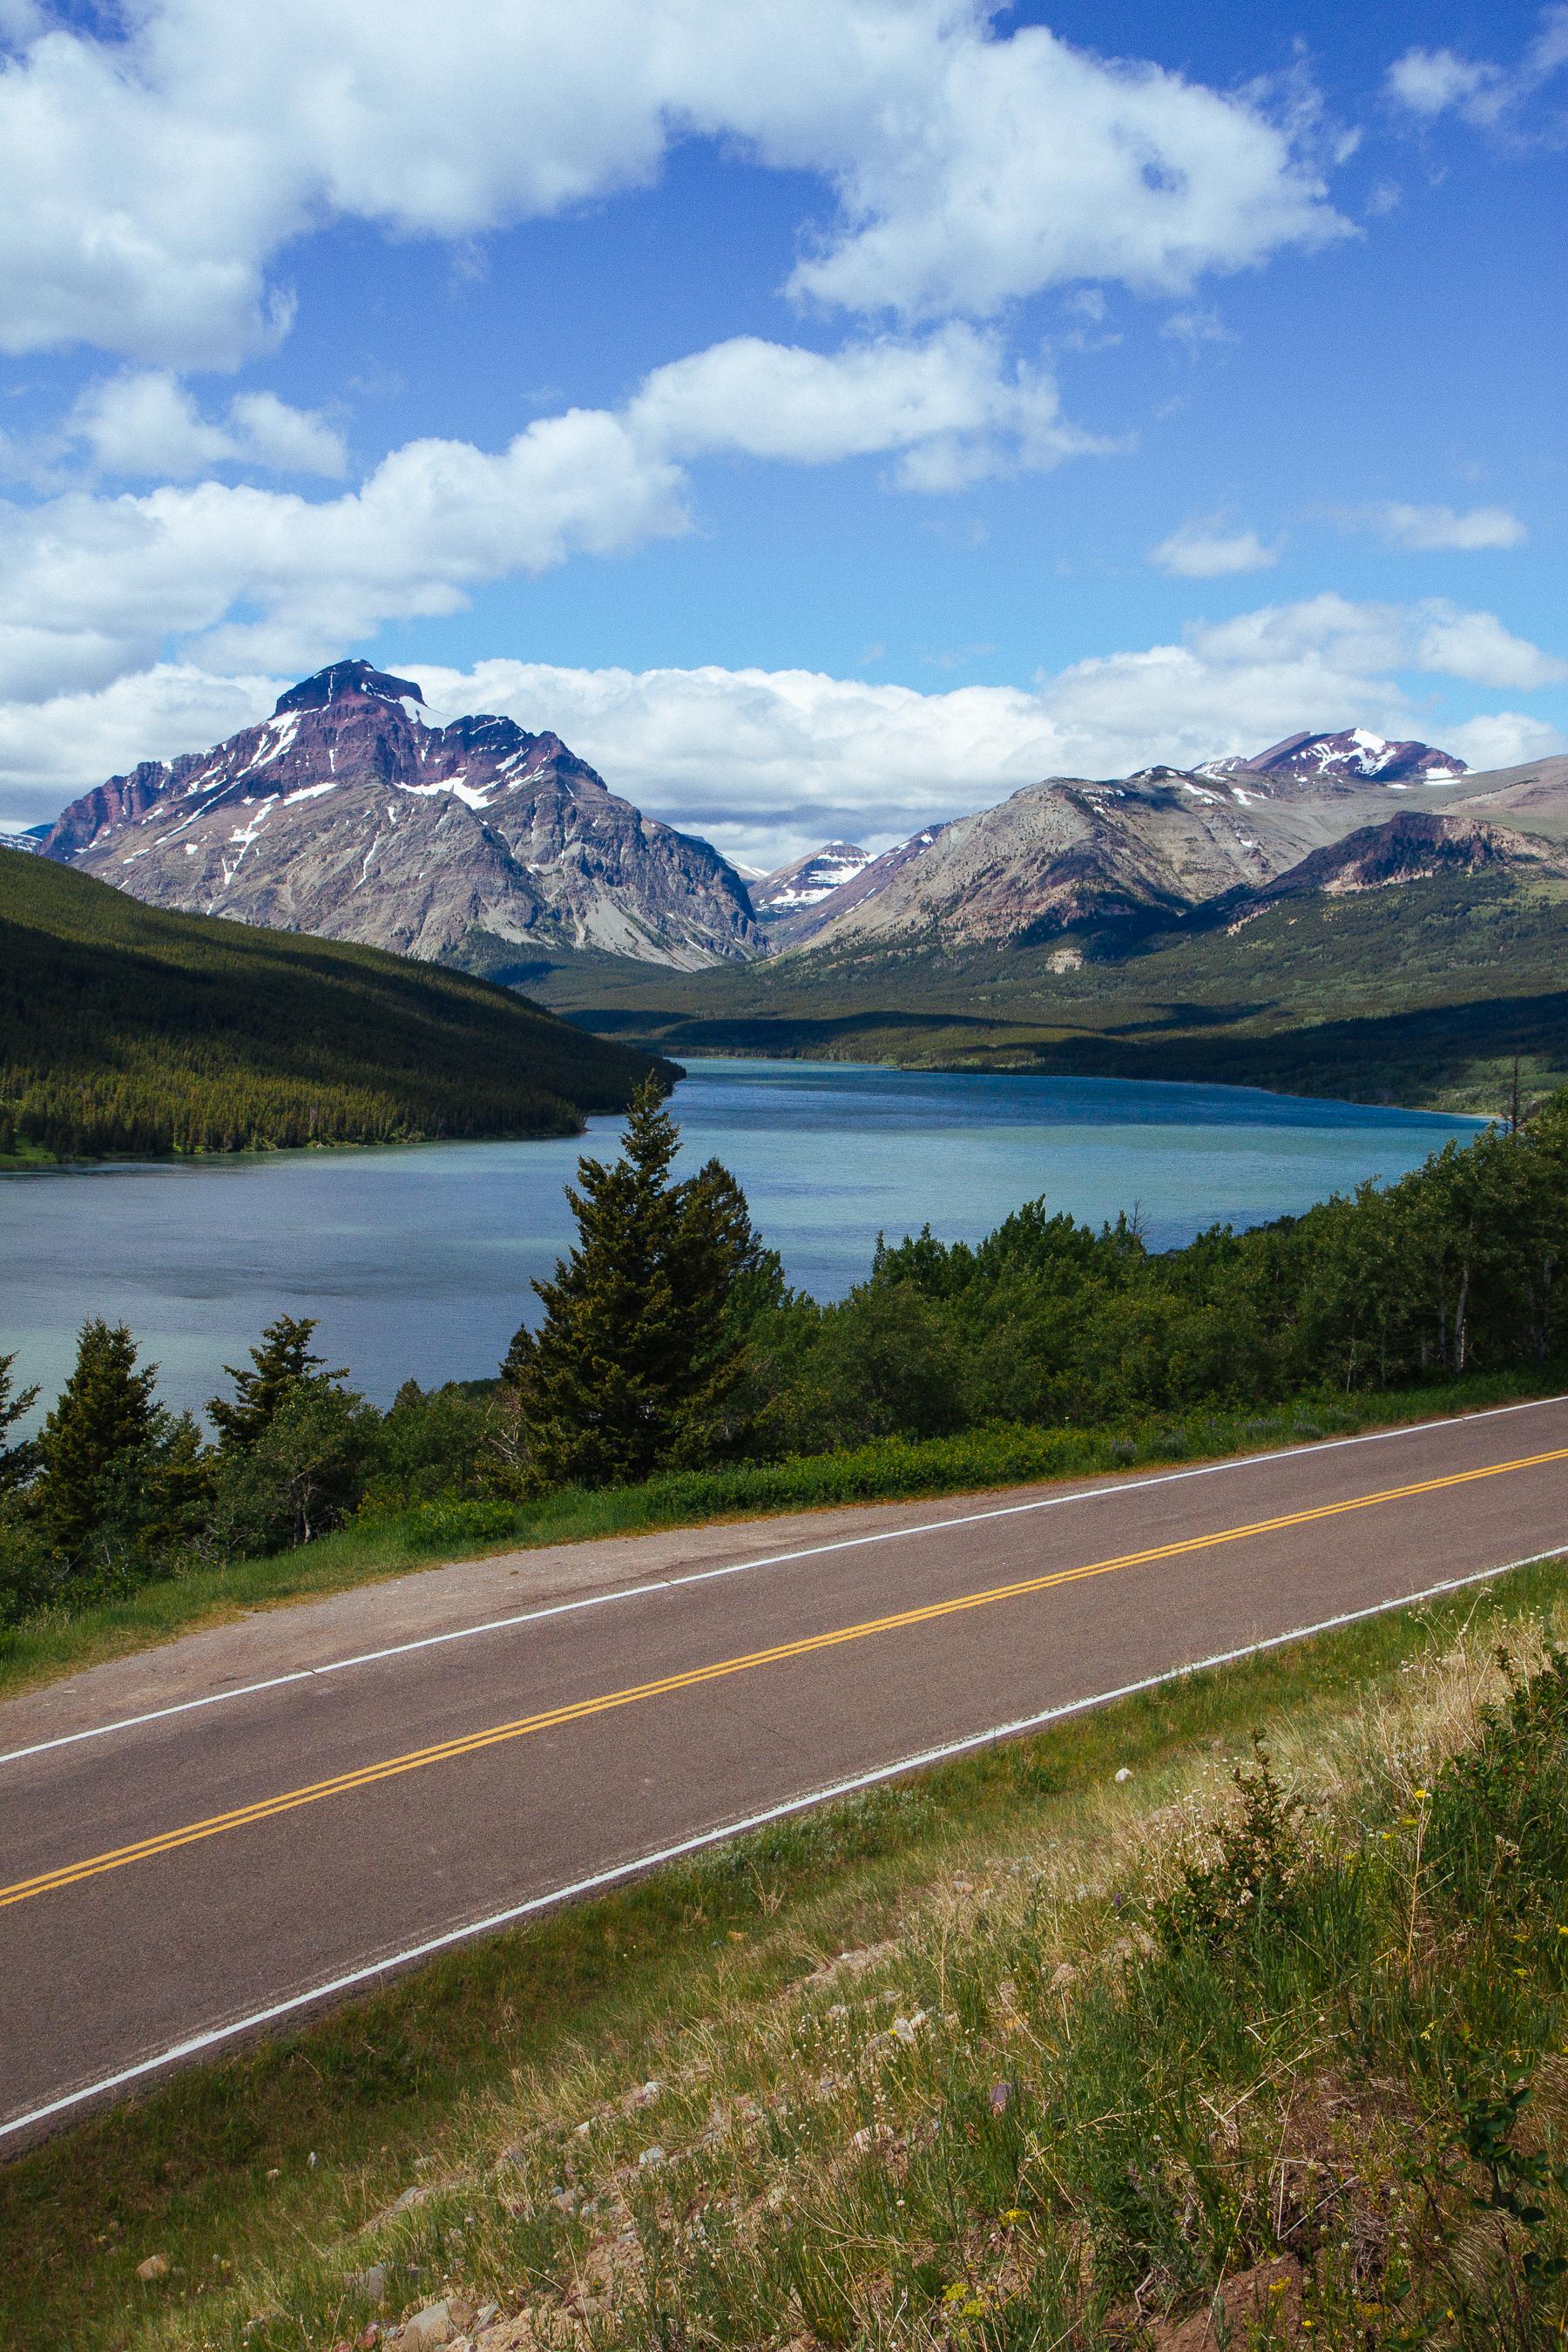 Montana_061215-23.jpg